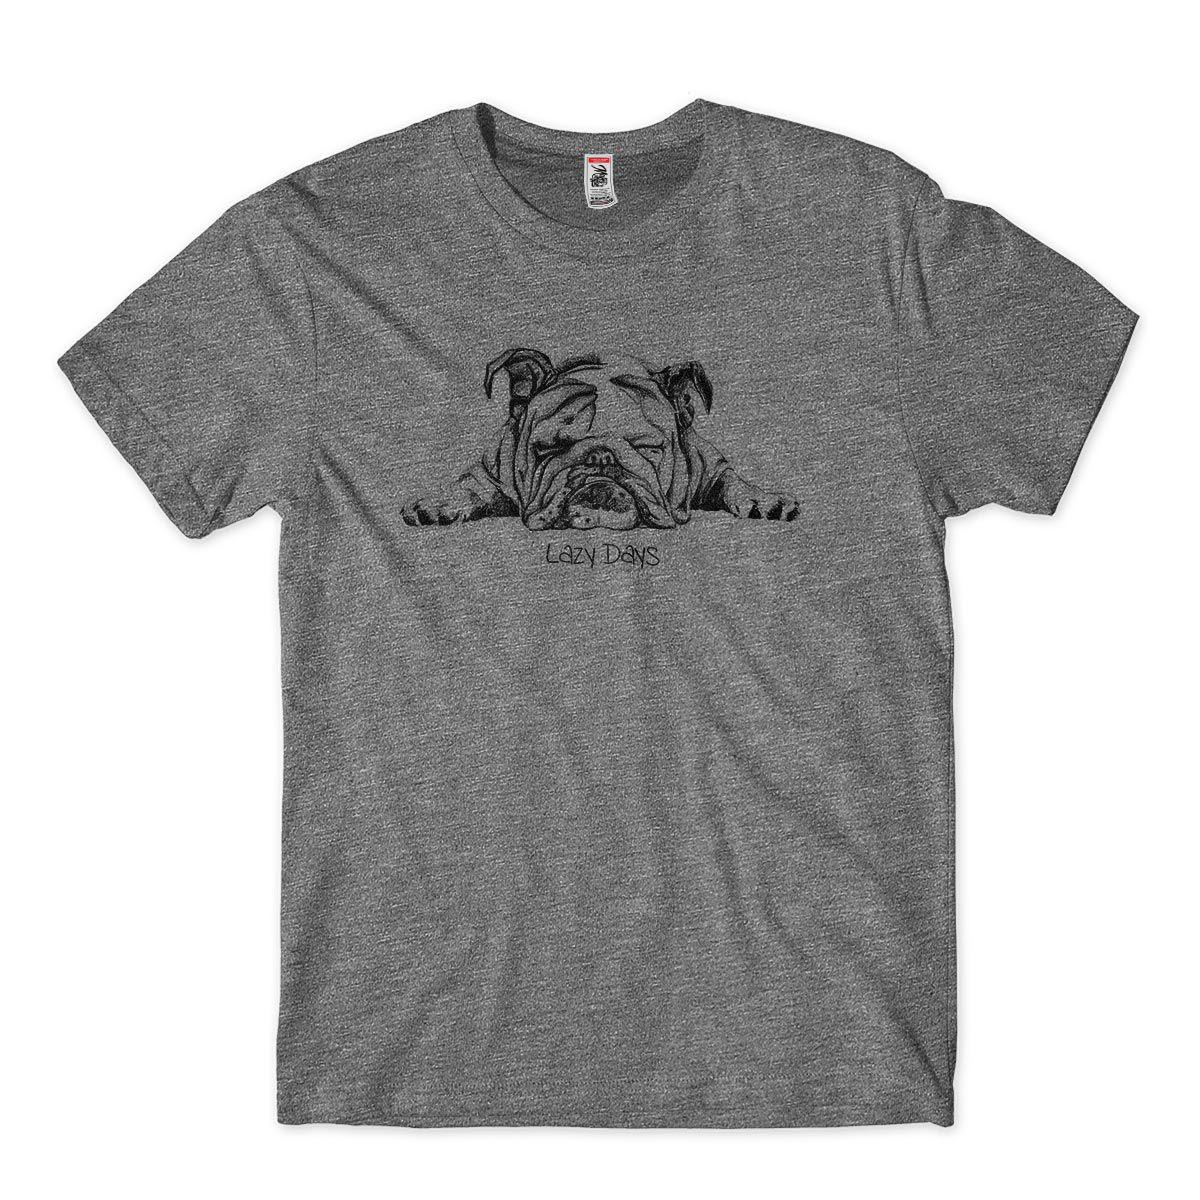 camiseta para dono de cachorro preguicoso masculina